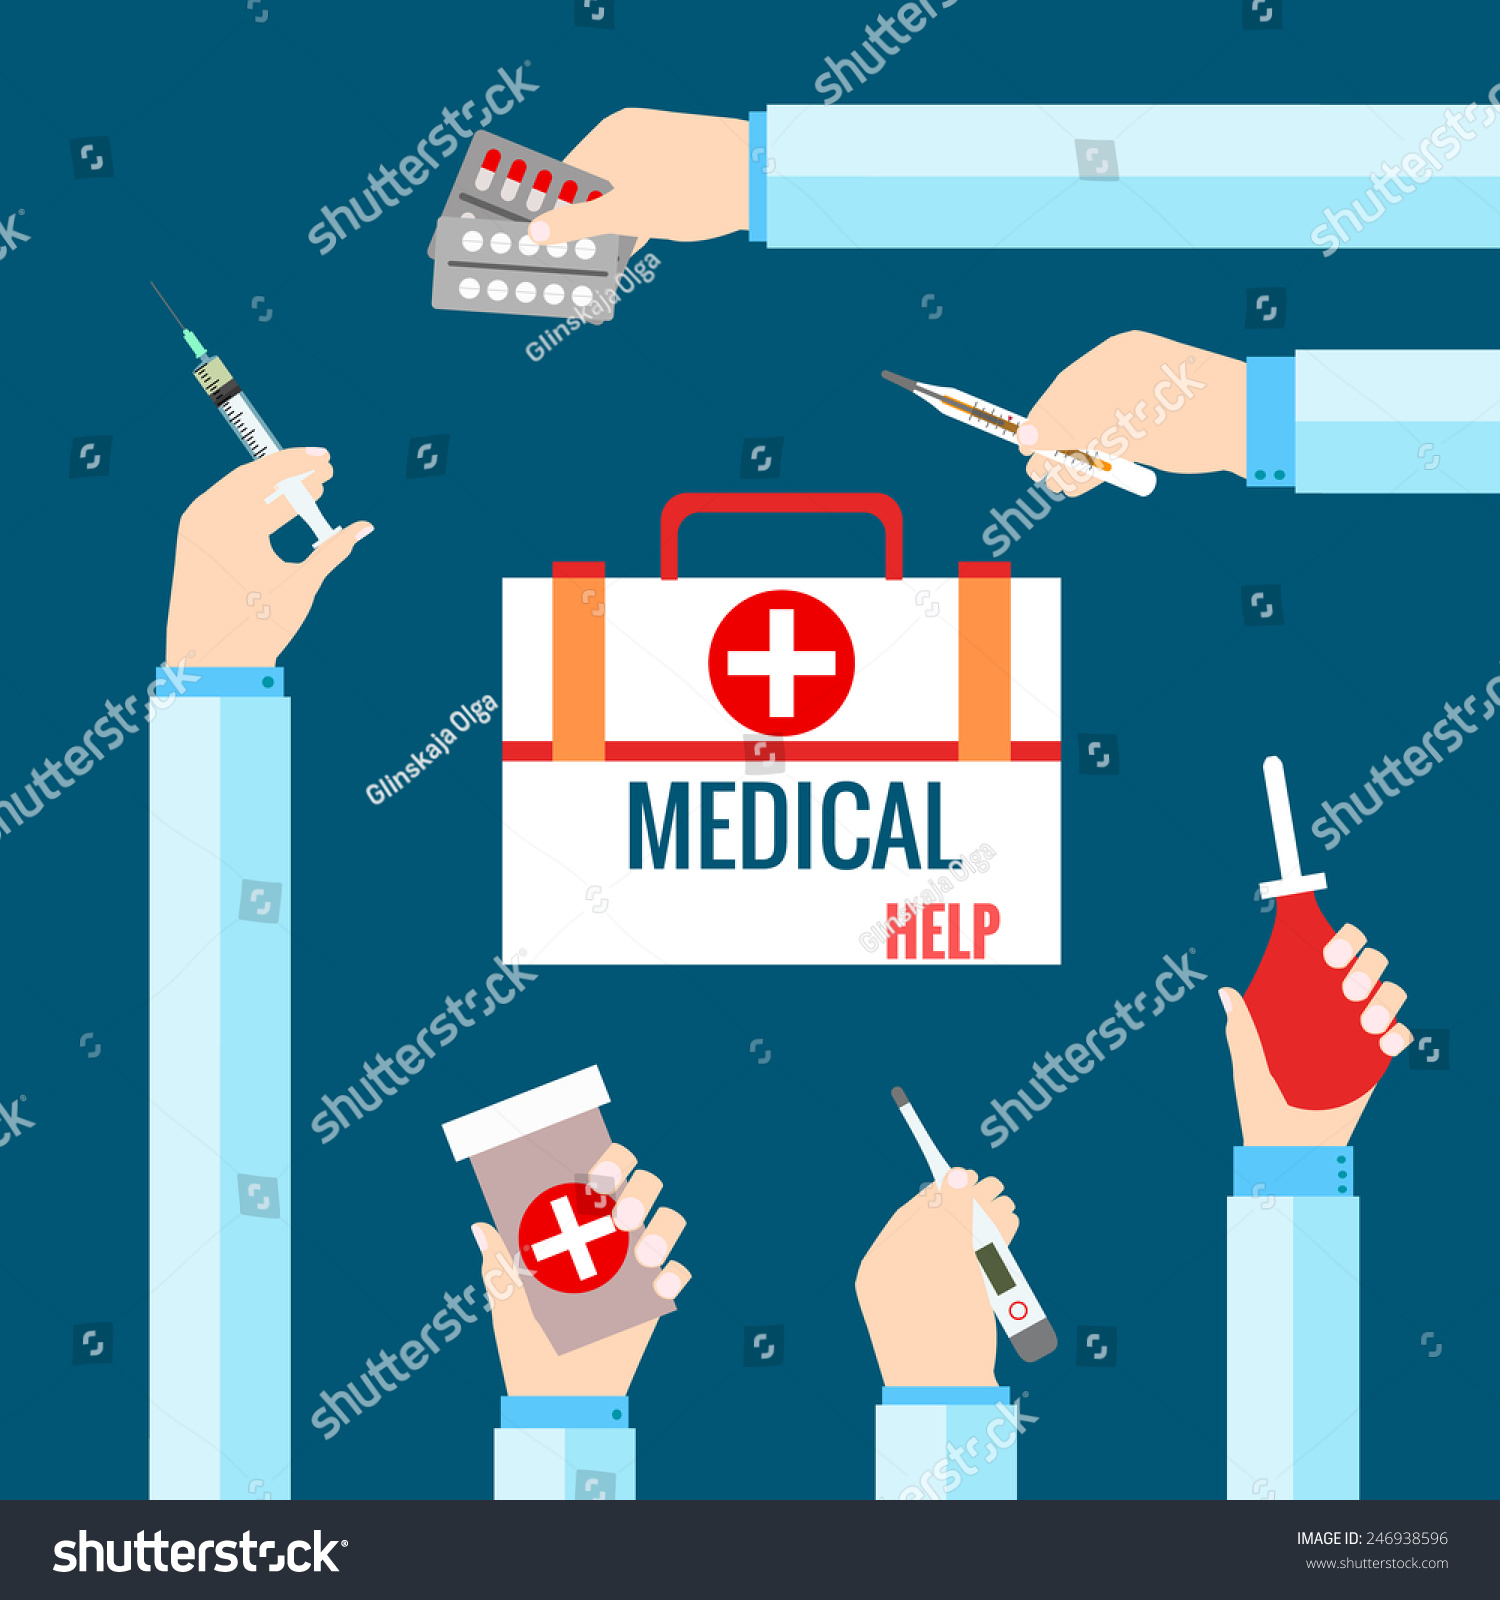 平面设计矢量插图为医疗保健的概念.医疗系统概念网络